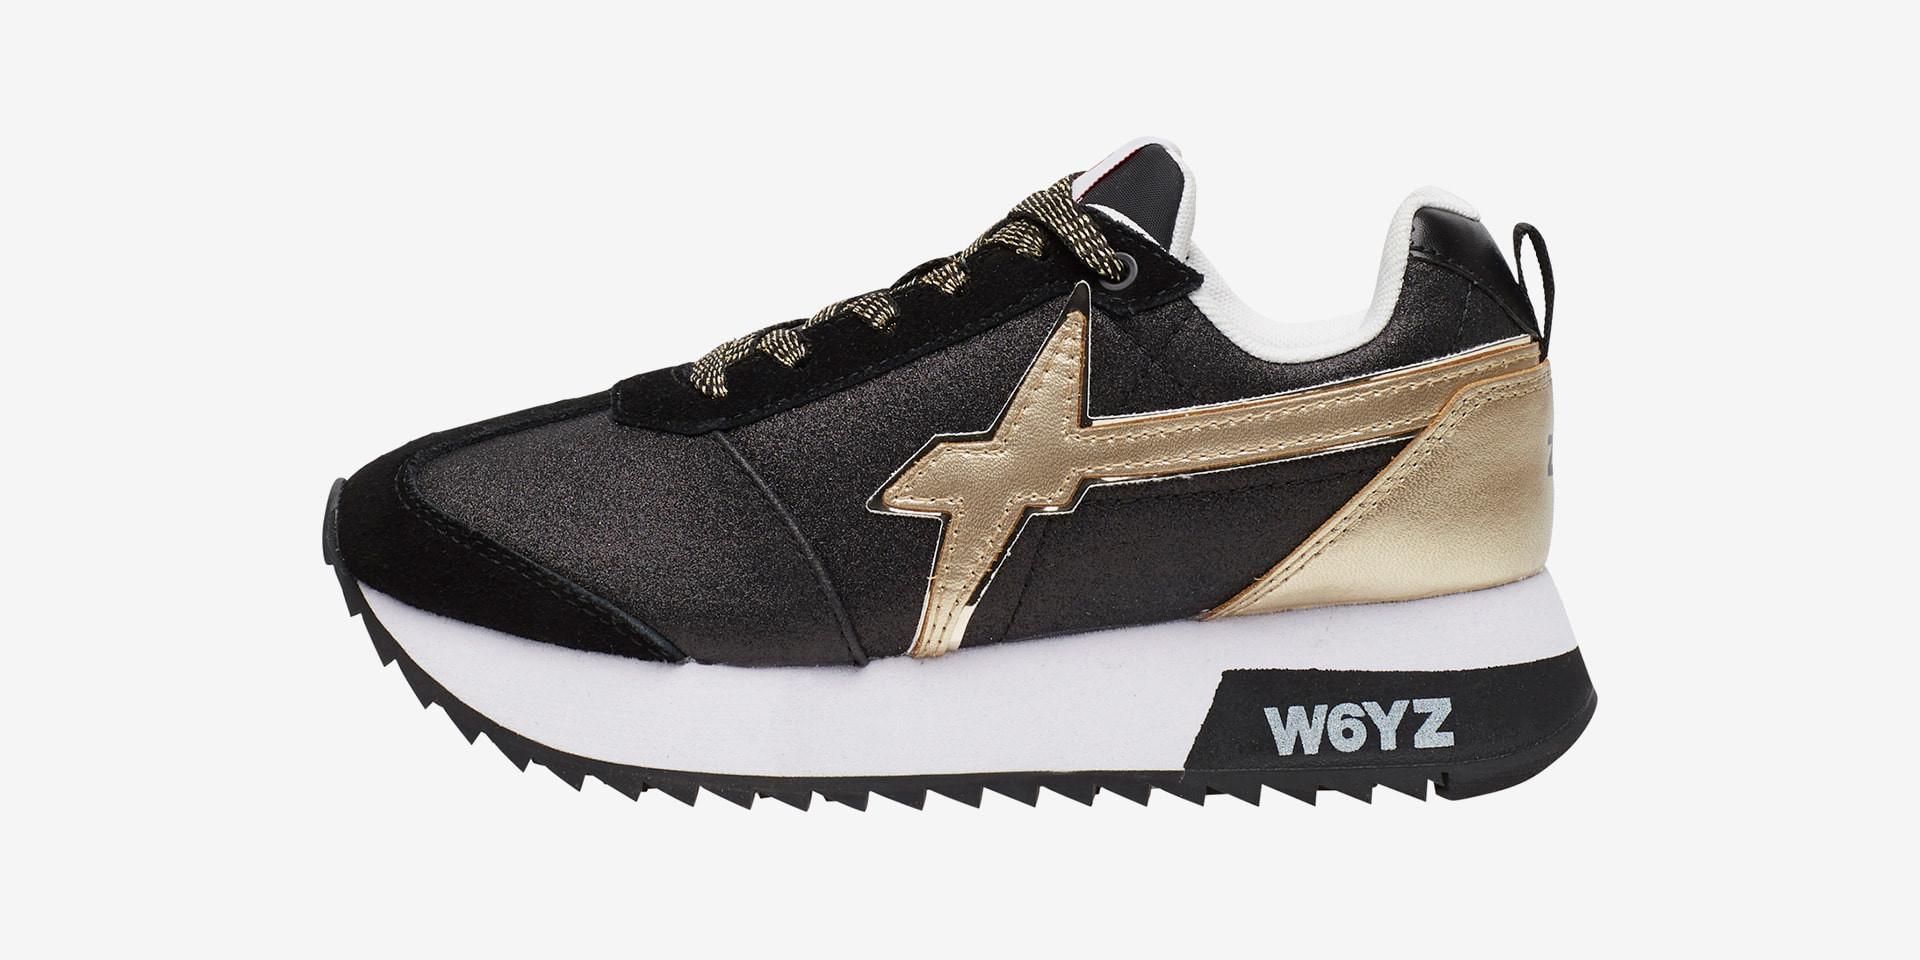 KIS-W. - Sneaker in tessuto tecnico glitterato e suede - Nero-Platino